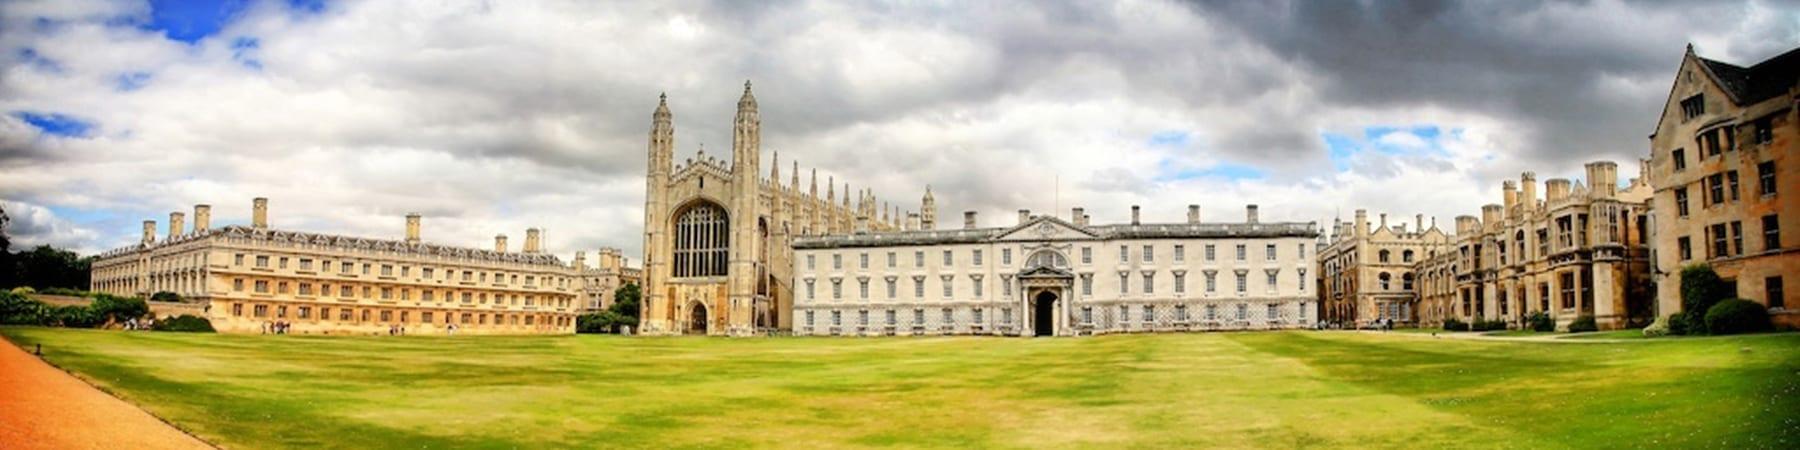 tour-gratis-Cambridge